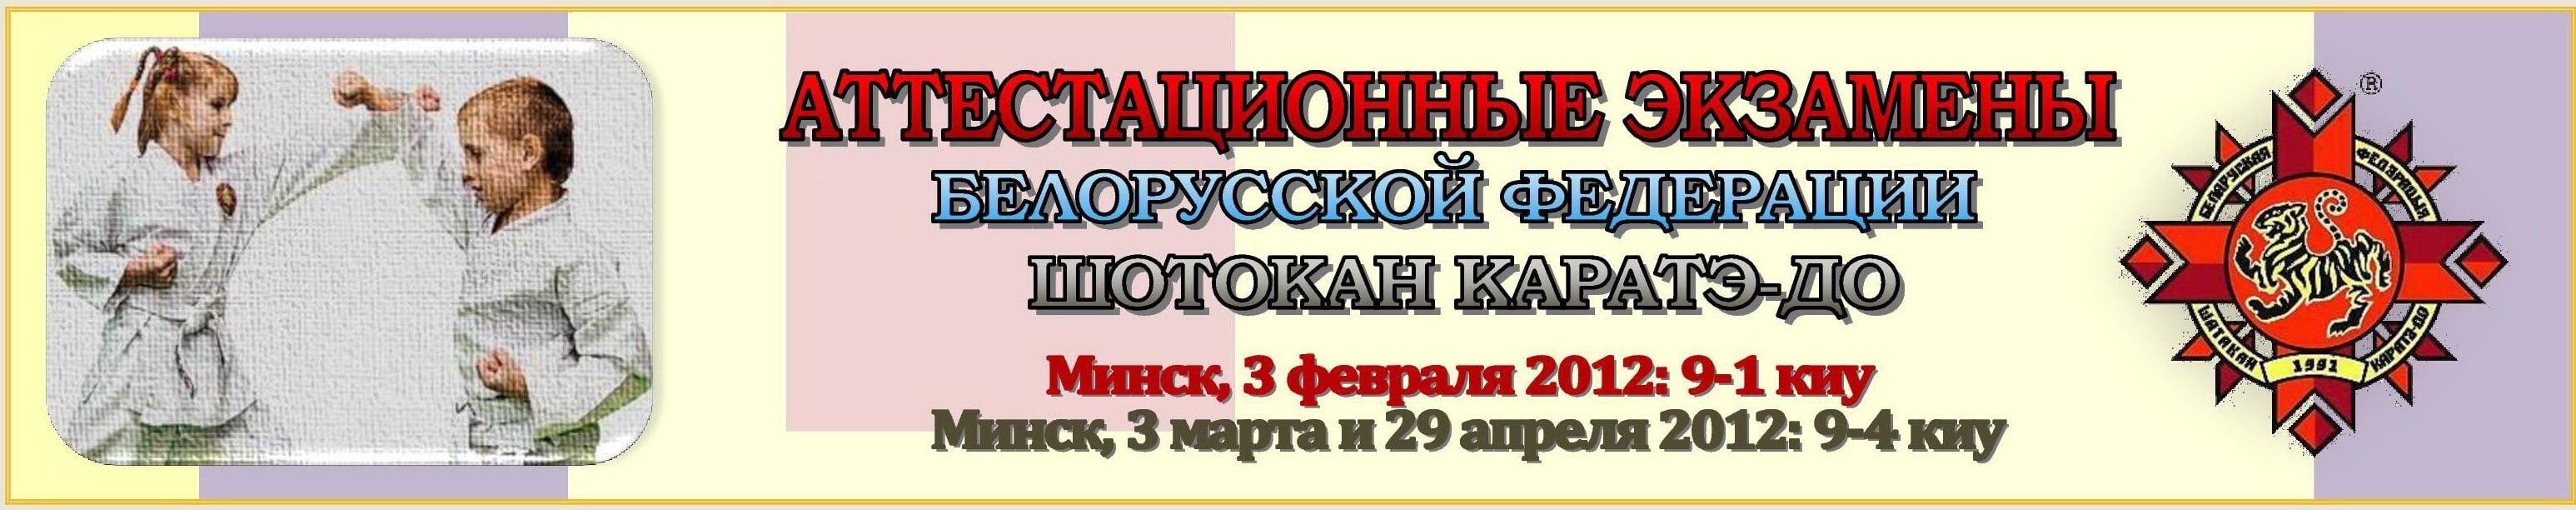 Аттестация БФШК 2012 02-04 Баннер